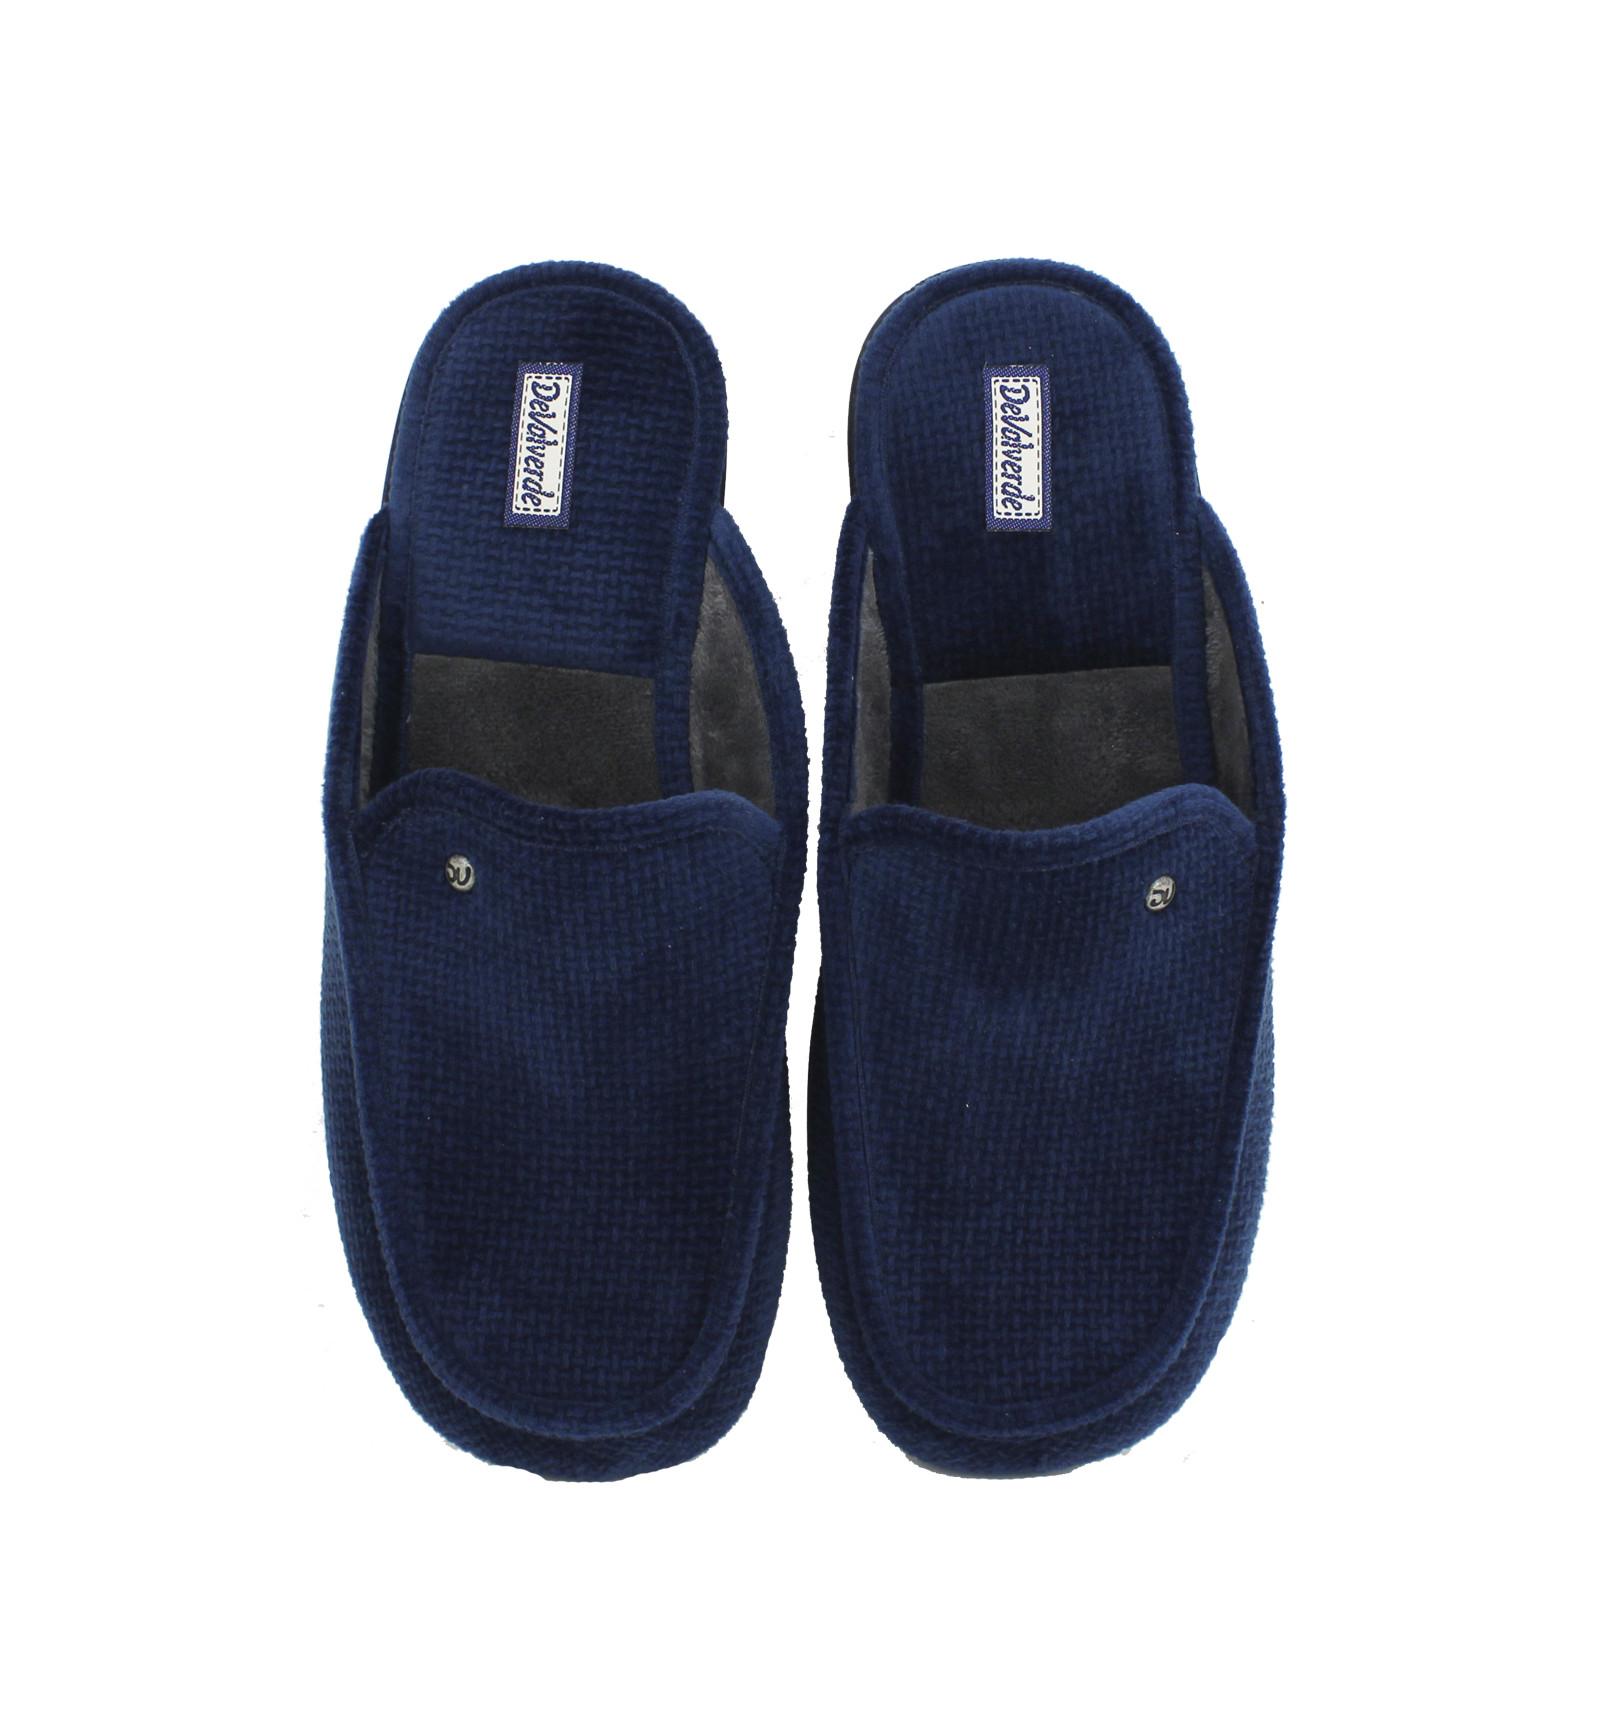 Zapatillas de casa abierta marino Devalverde - Envíos Gratis 9455b82c5f767